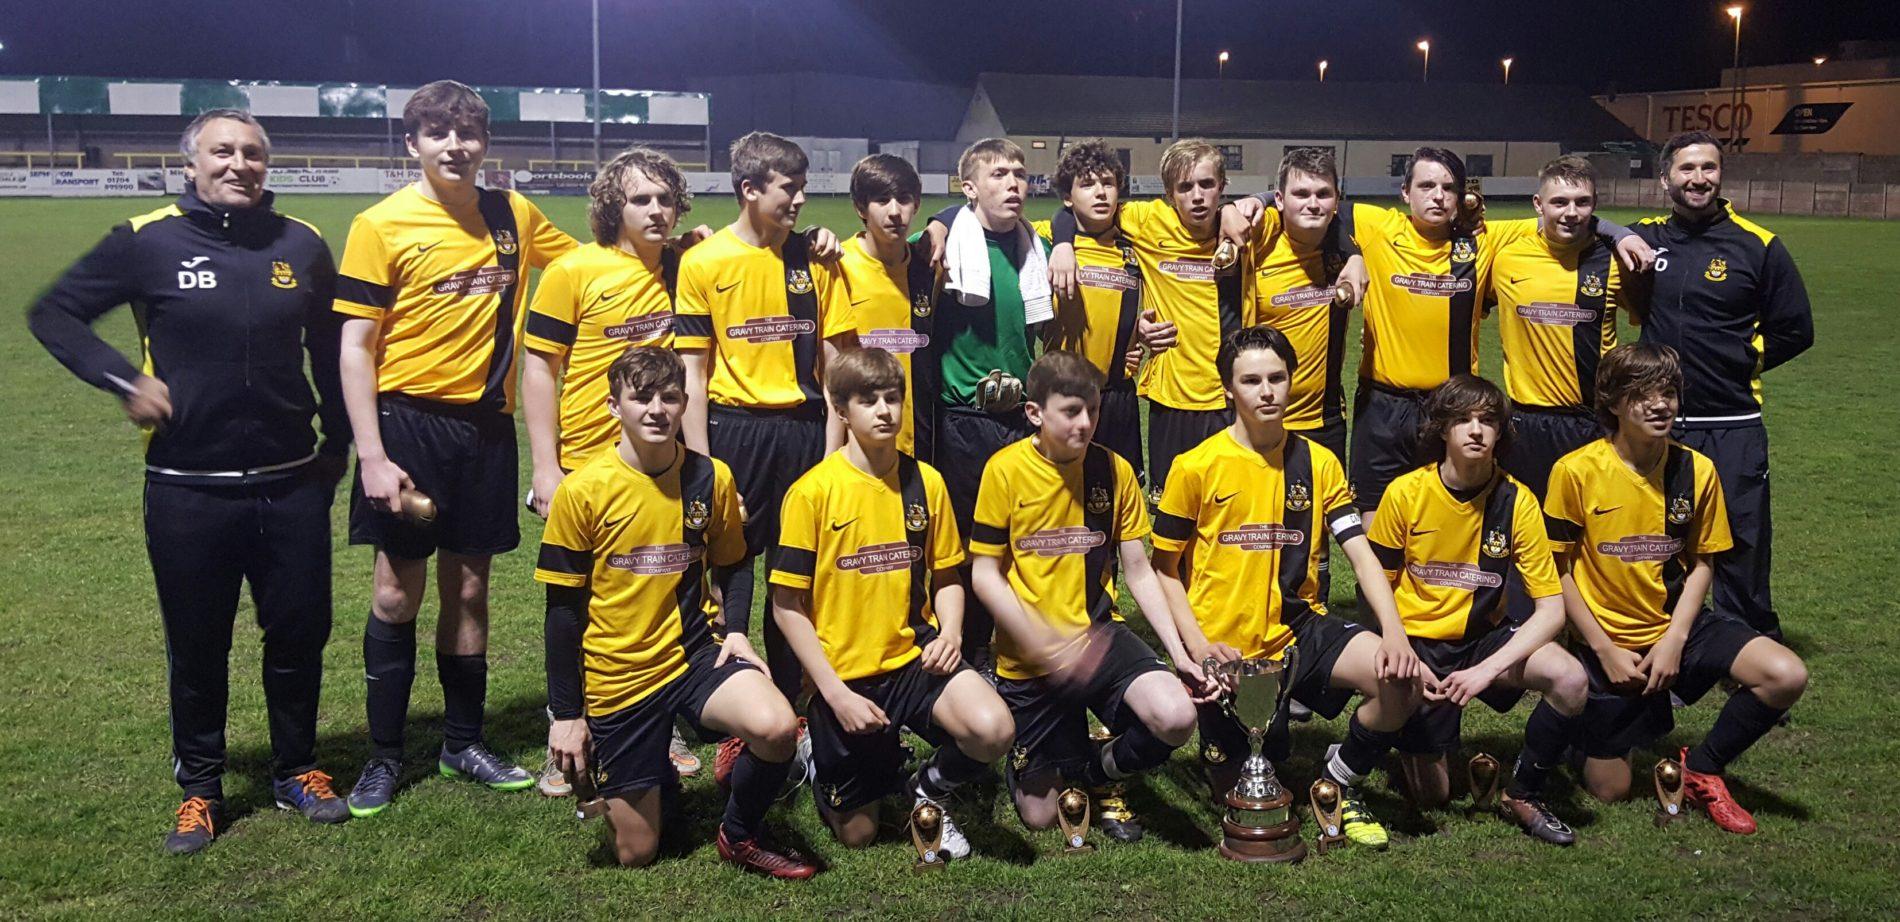 Under 16s win Adam Bell Cup